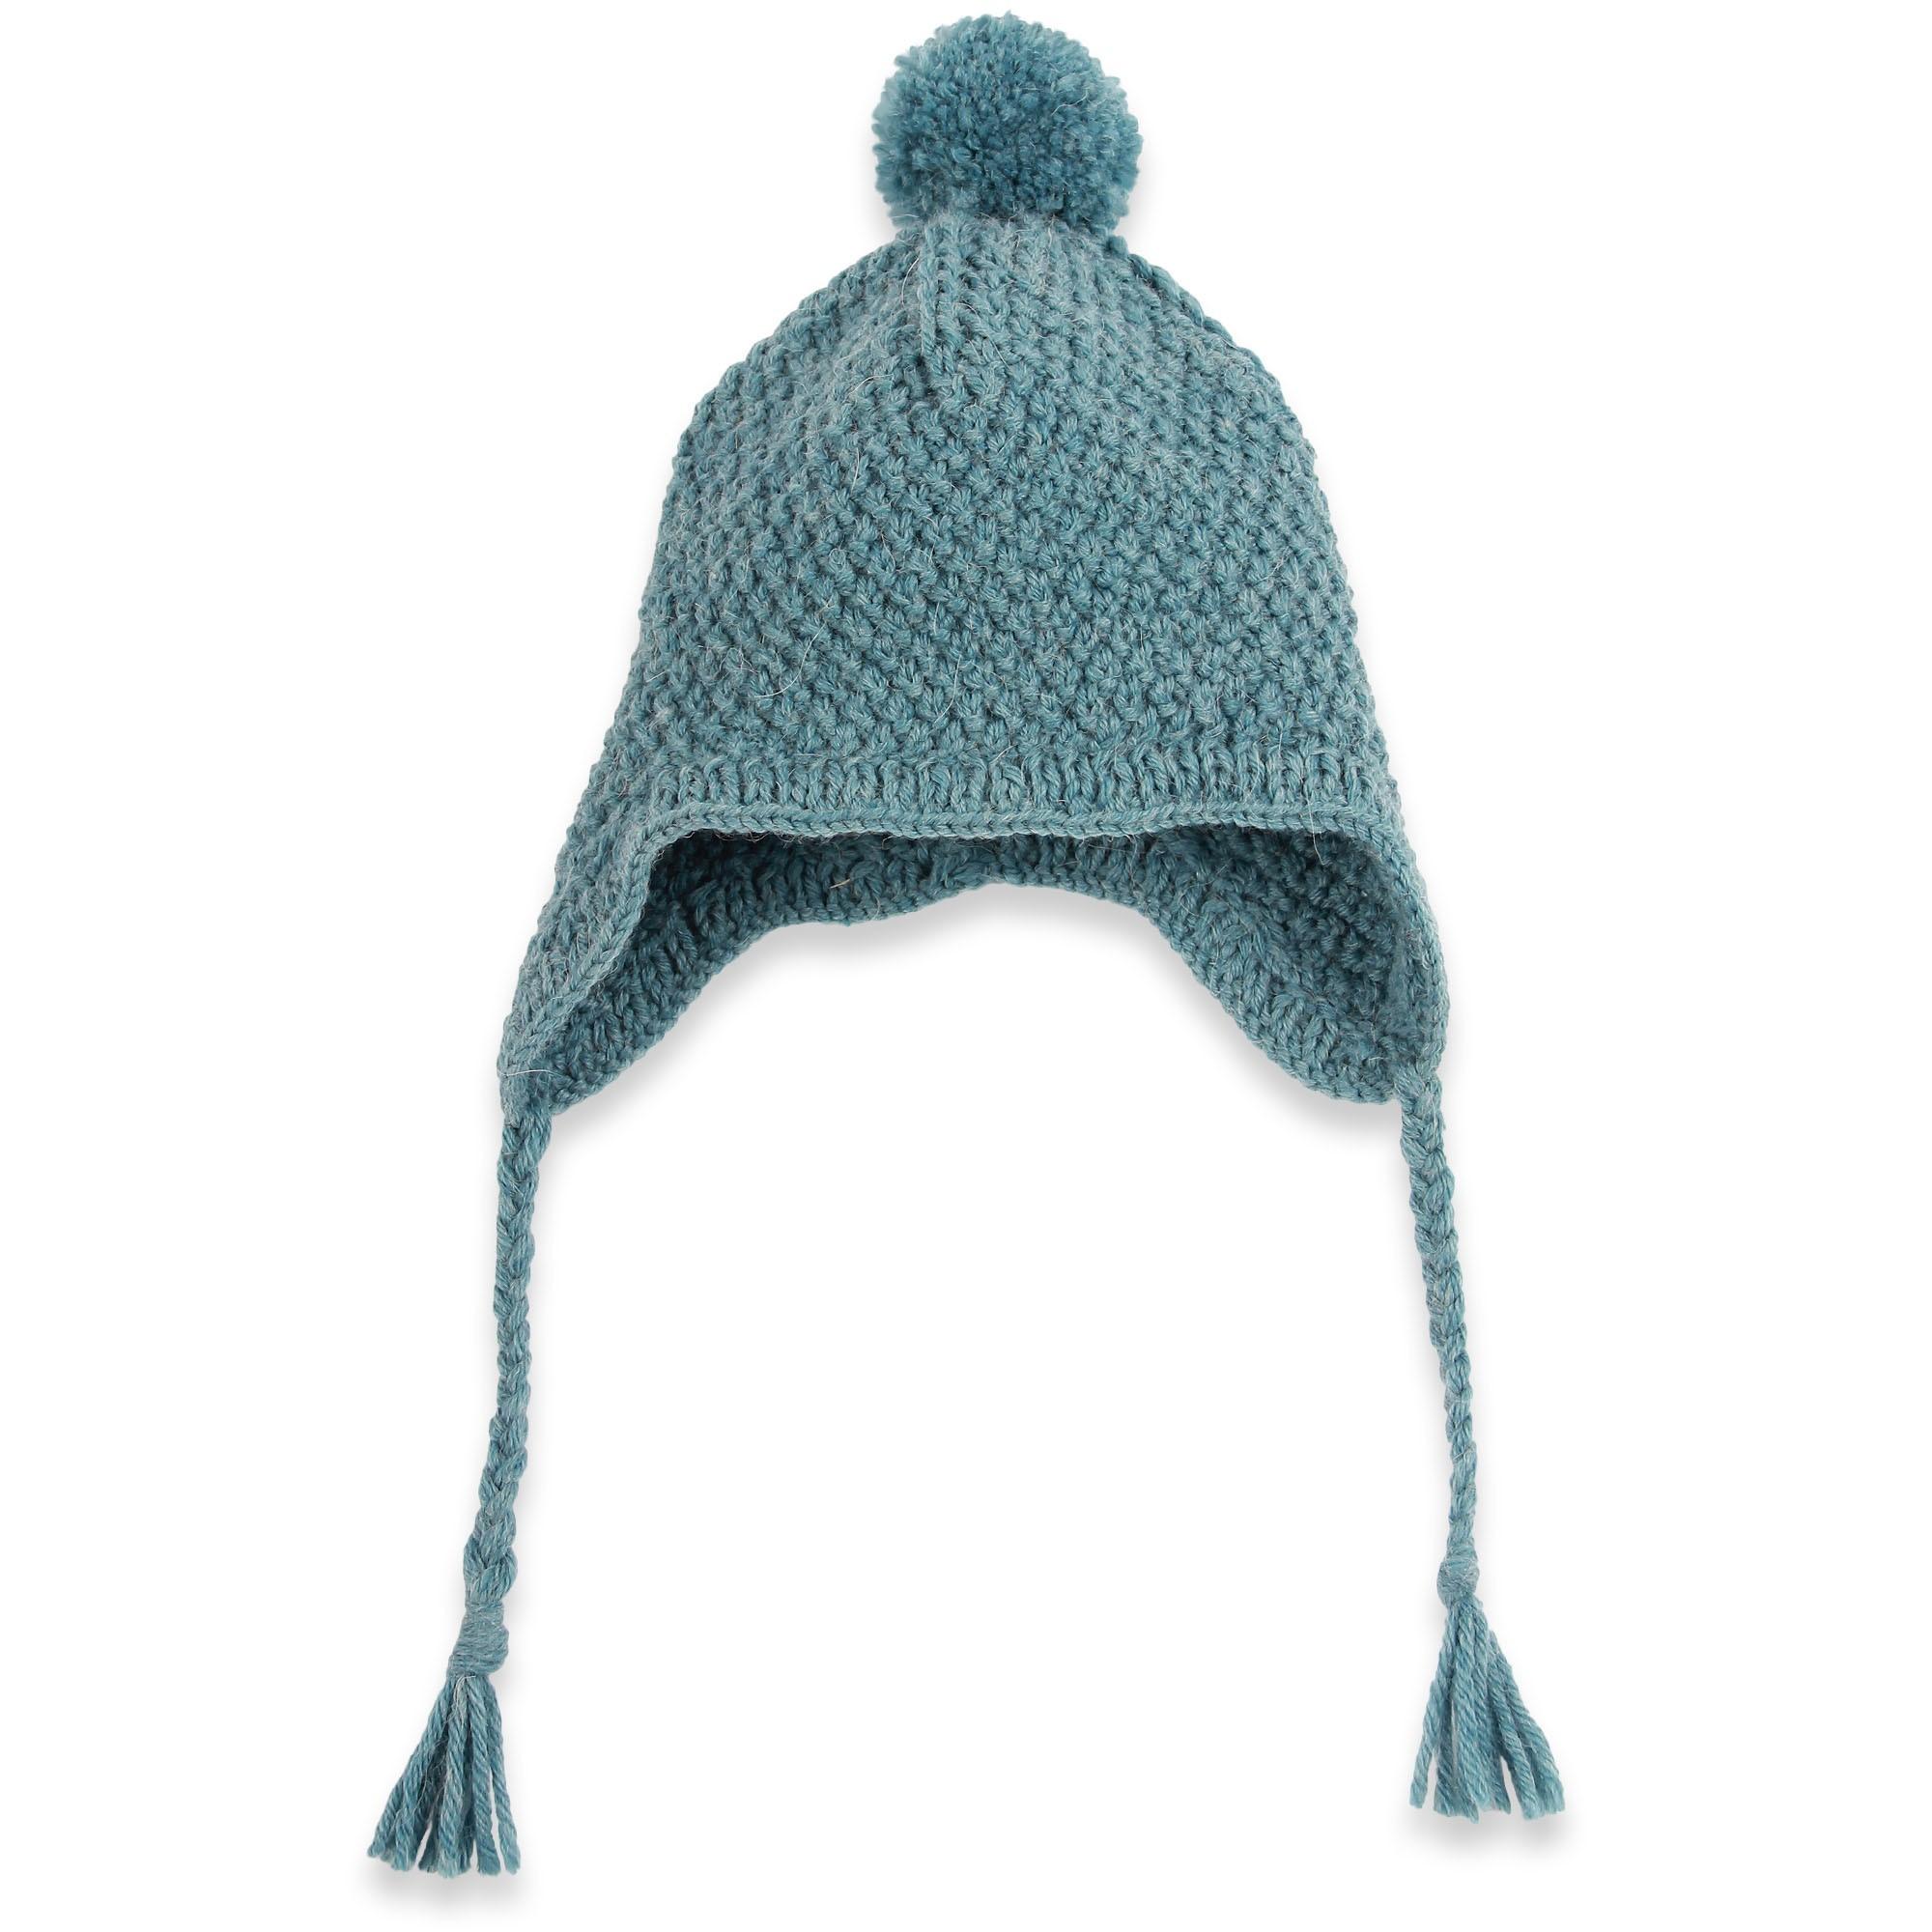 Les tricots de mamy - Bonnet bébé type péruvien avec pompom, bleu pétrol canard, tricoté main en ...